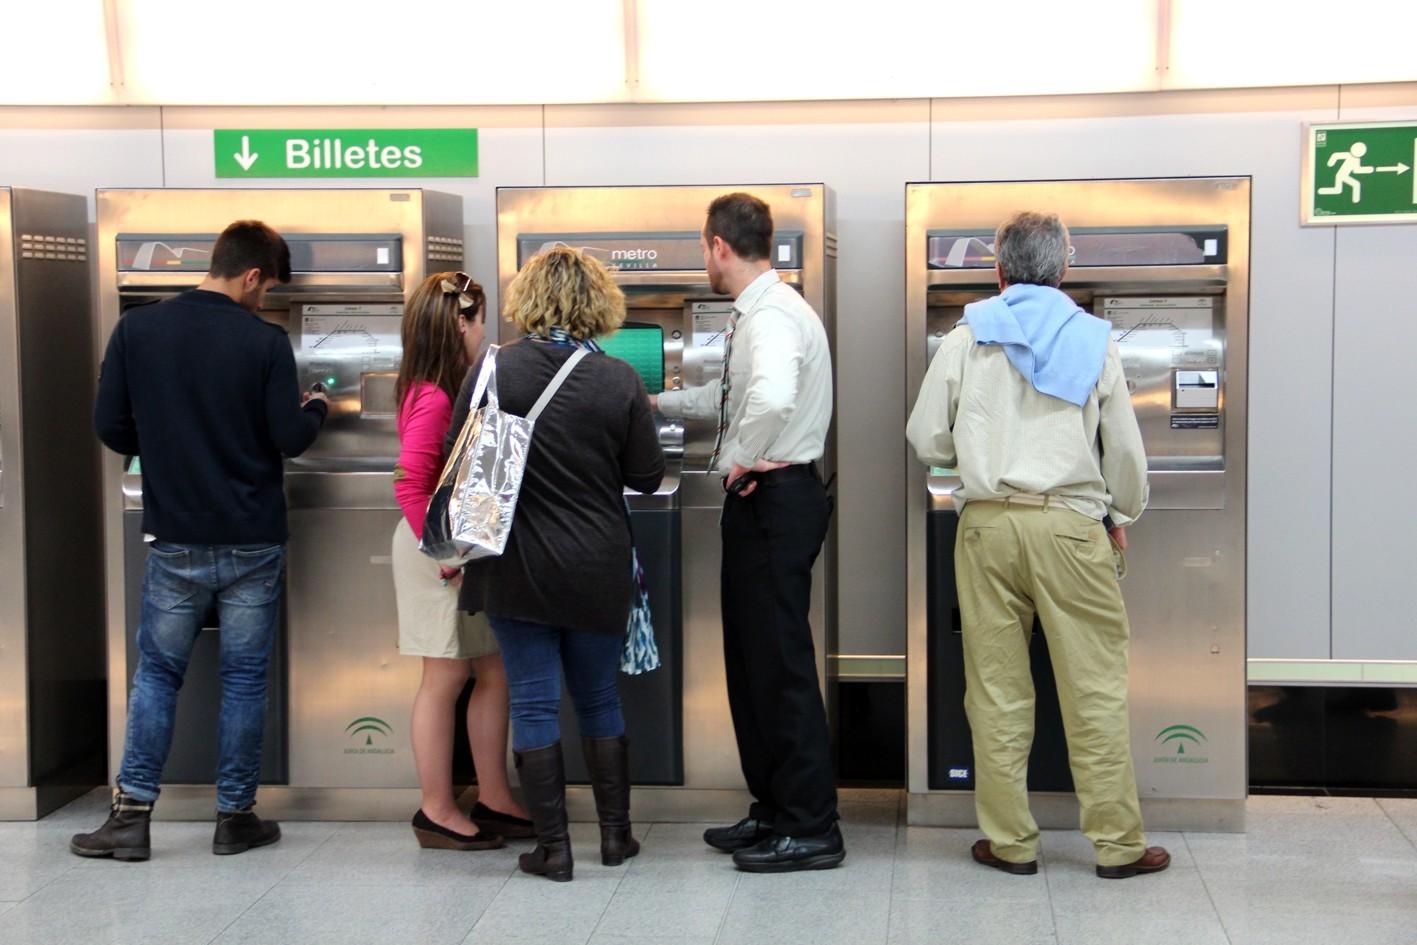 La satisfacción de los usuarios por los servicios del metro supera el notable alto.